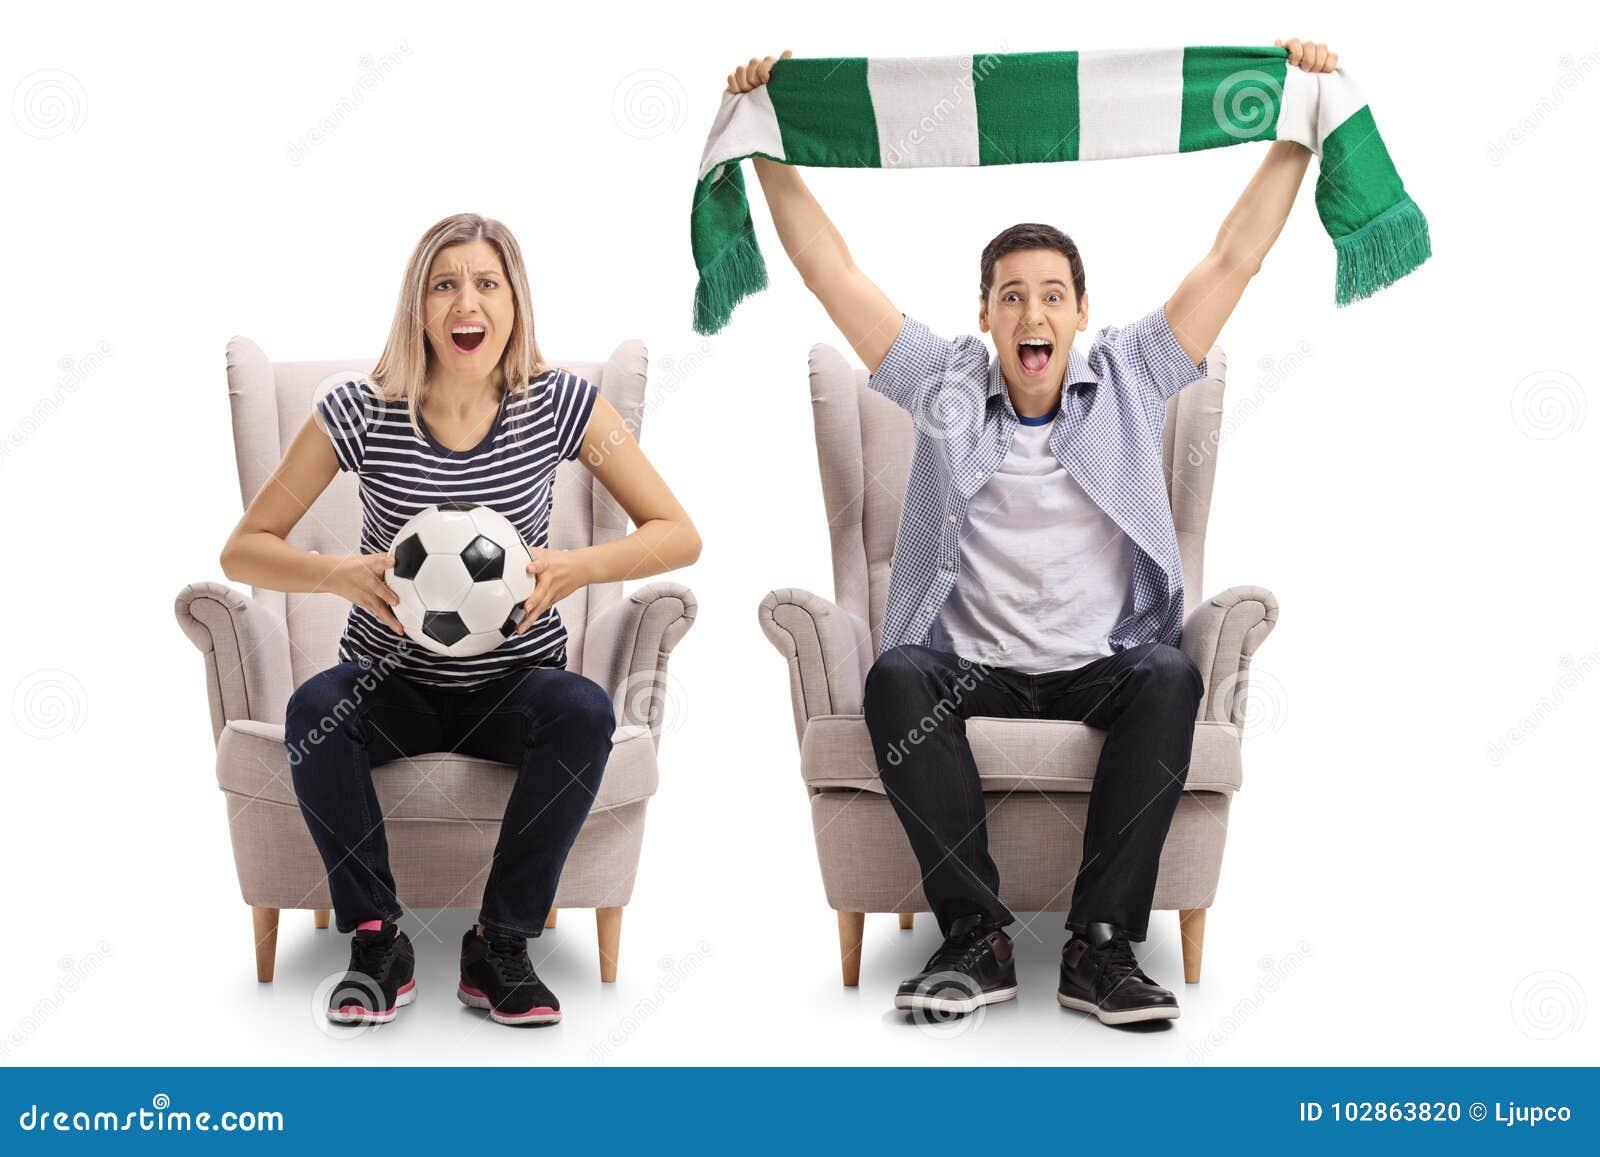 Upphetsade fotbollfans med en fotboll och ett halsduksammanträde i armch